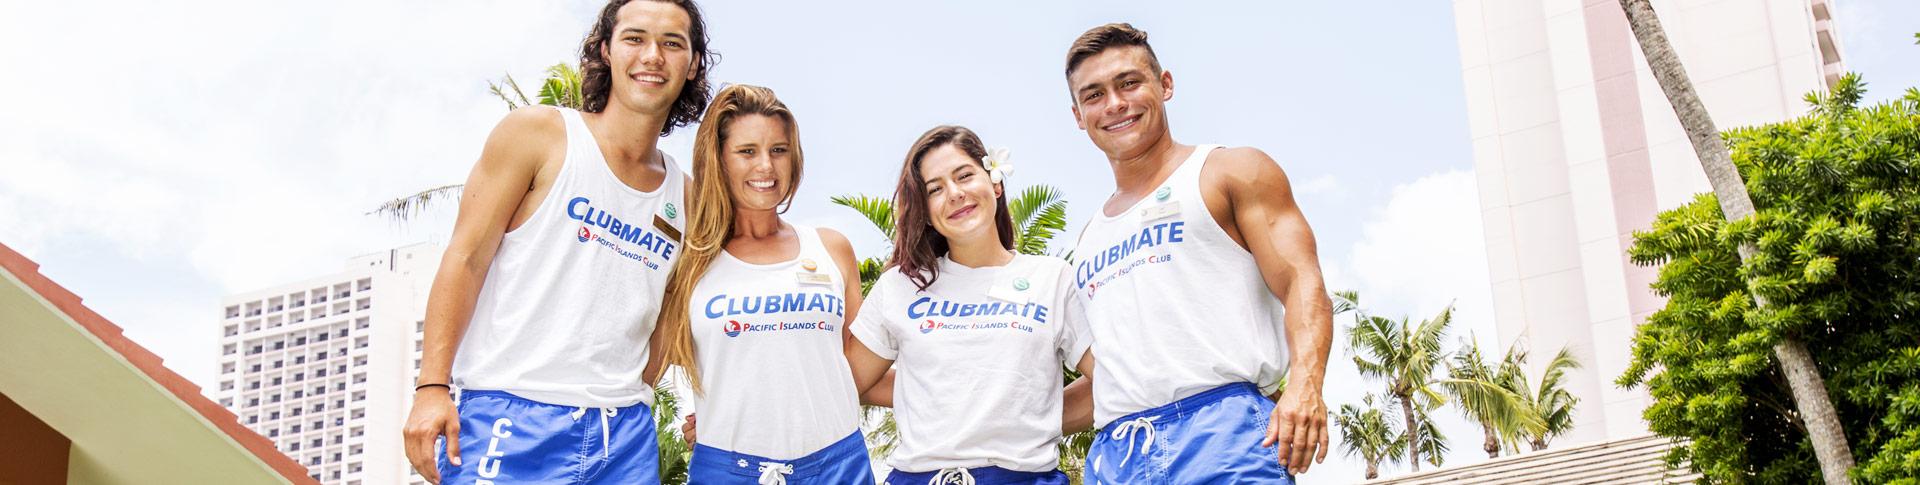 Тумон, Играйте и учитесь с нашим дружелюбным персоналом отеля на Гуаме